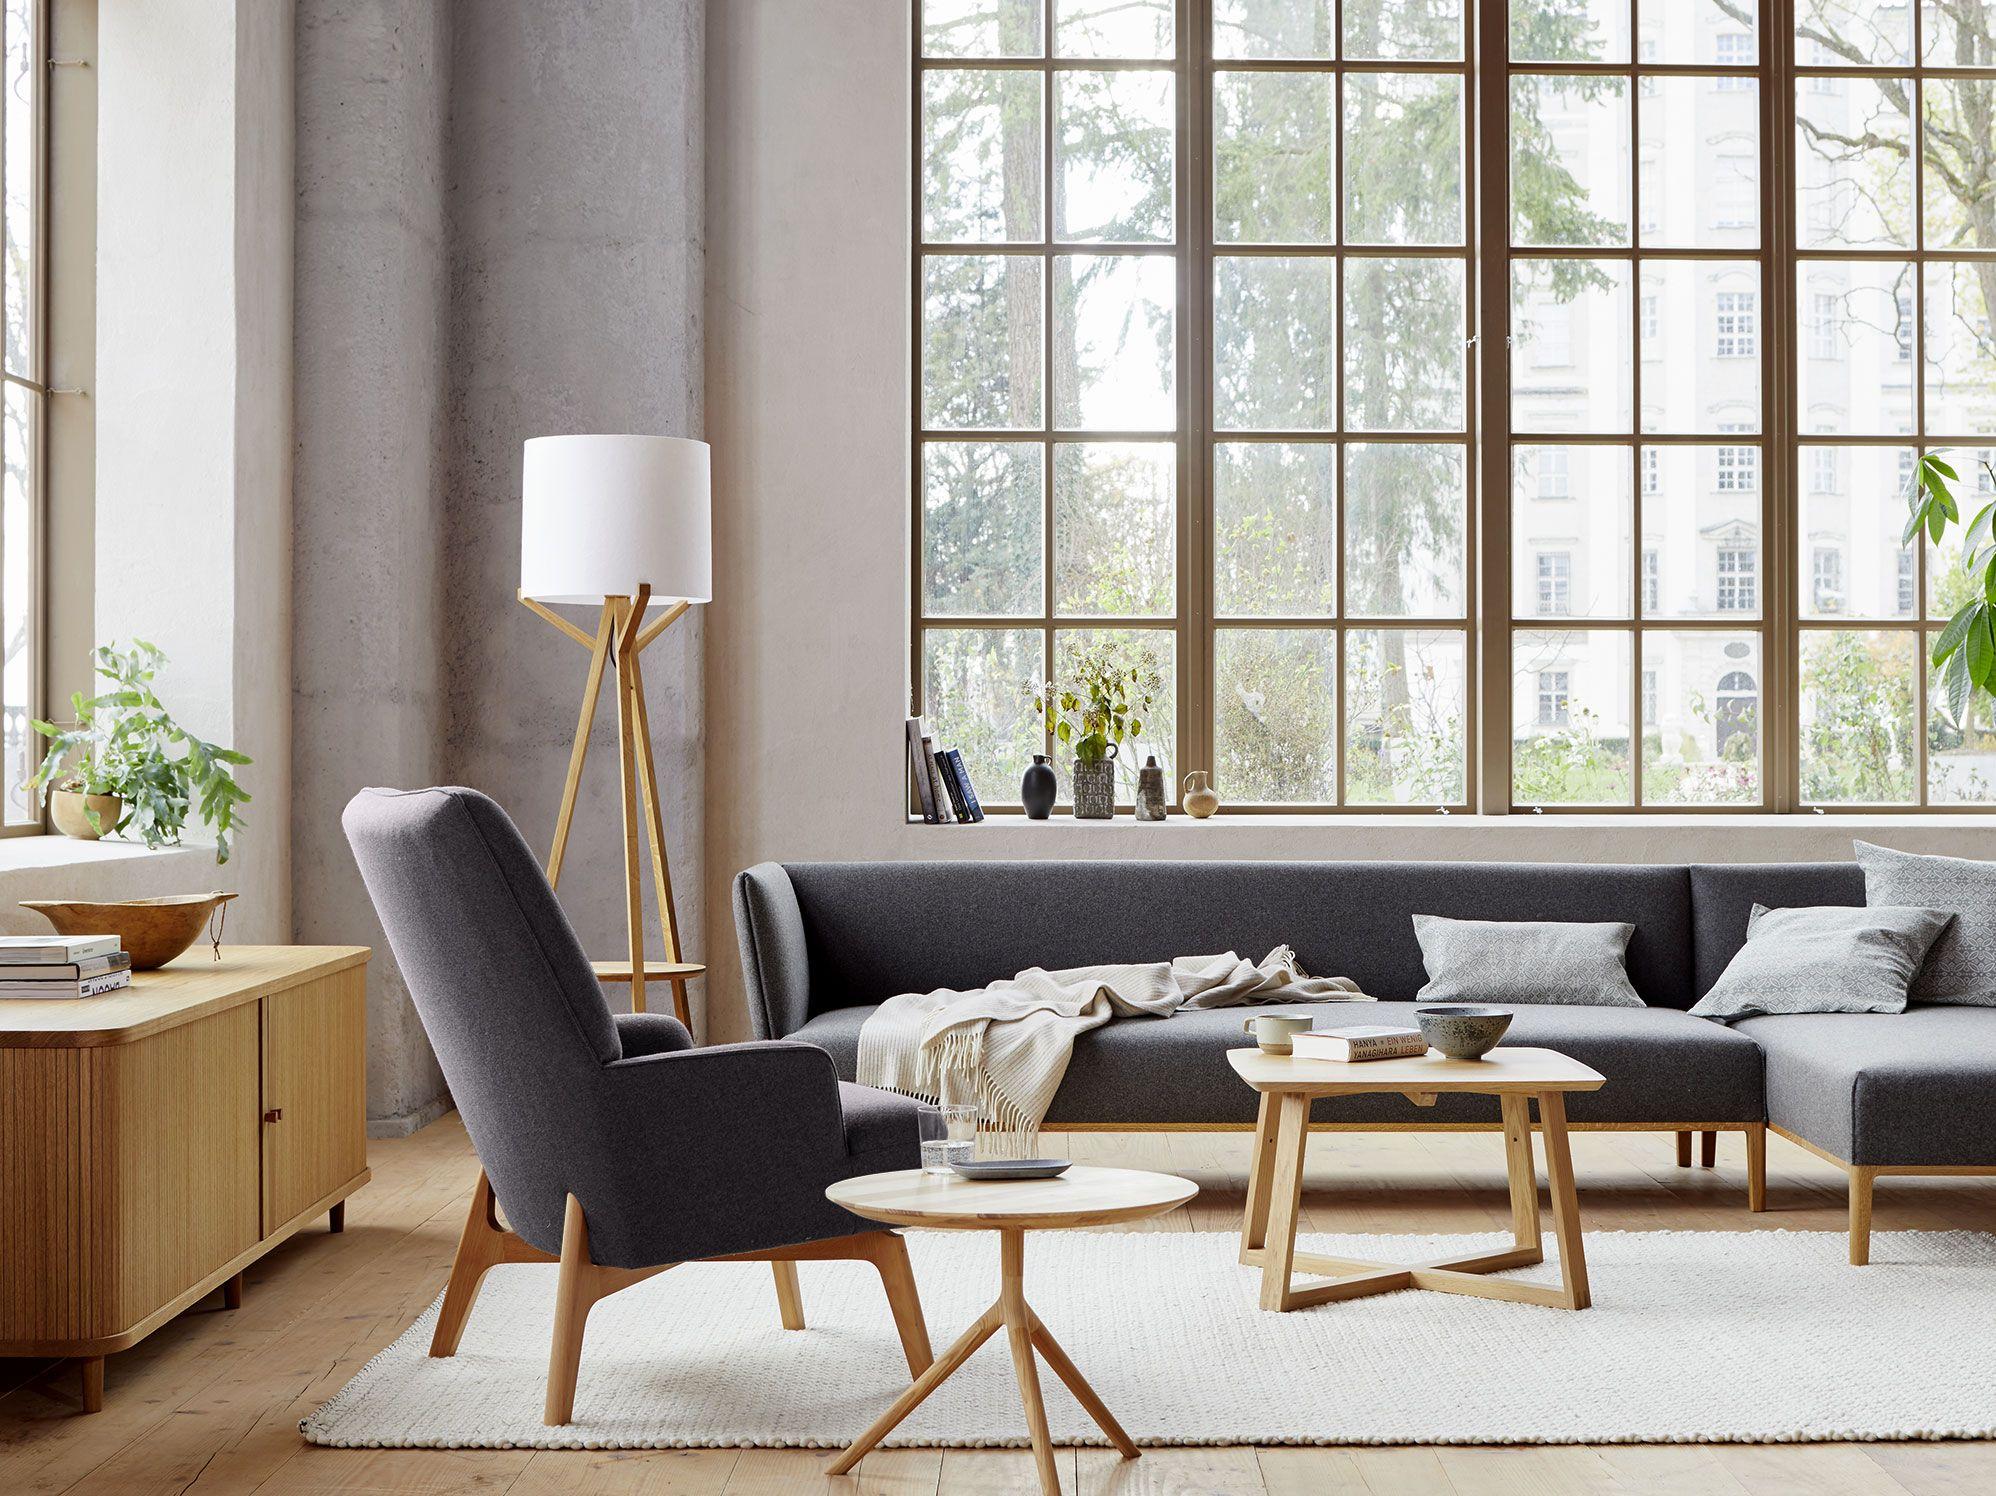 14 Grüne Erde Möbel 2018 Natural Wood Furniture Ideen Grüne Erde Furniture Grün